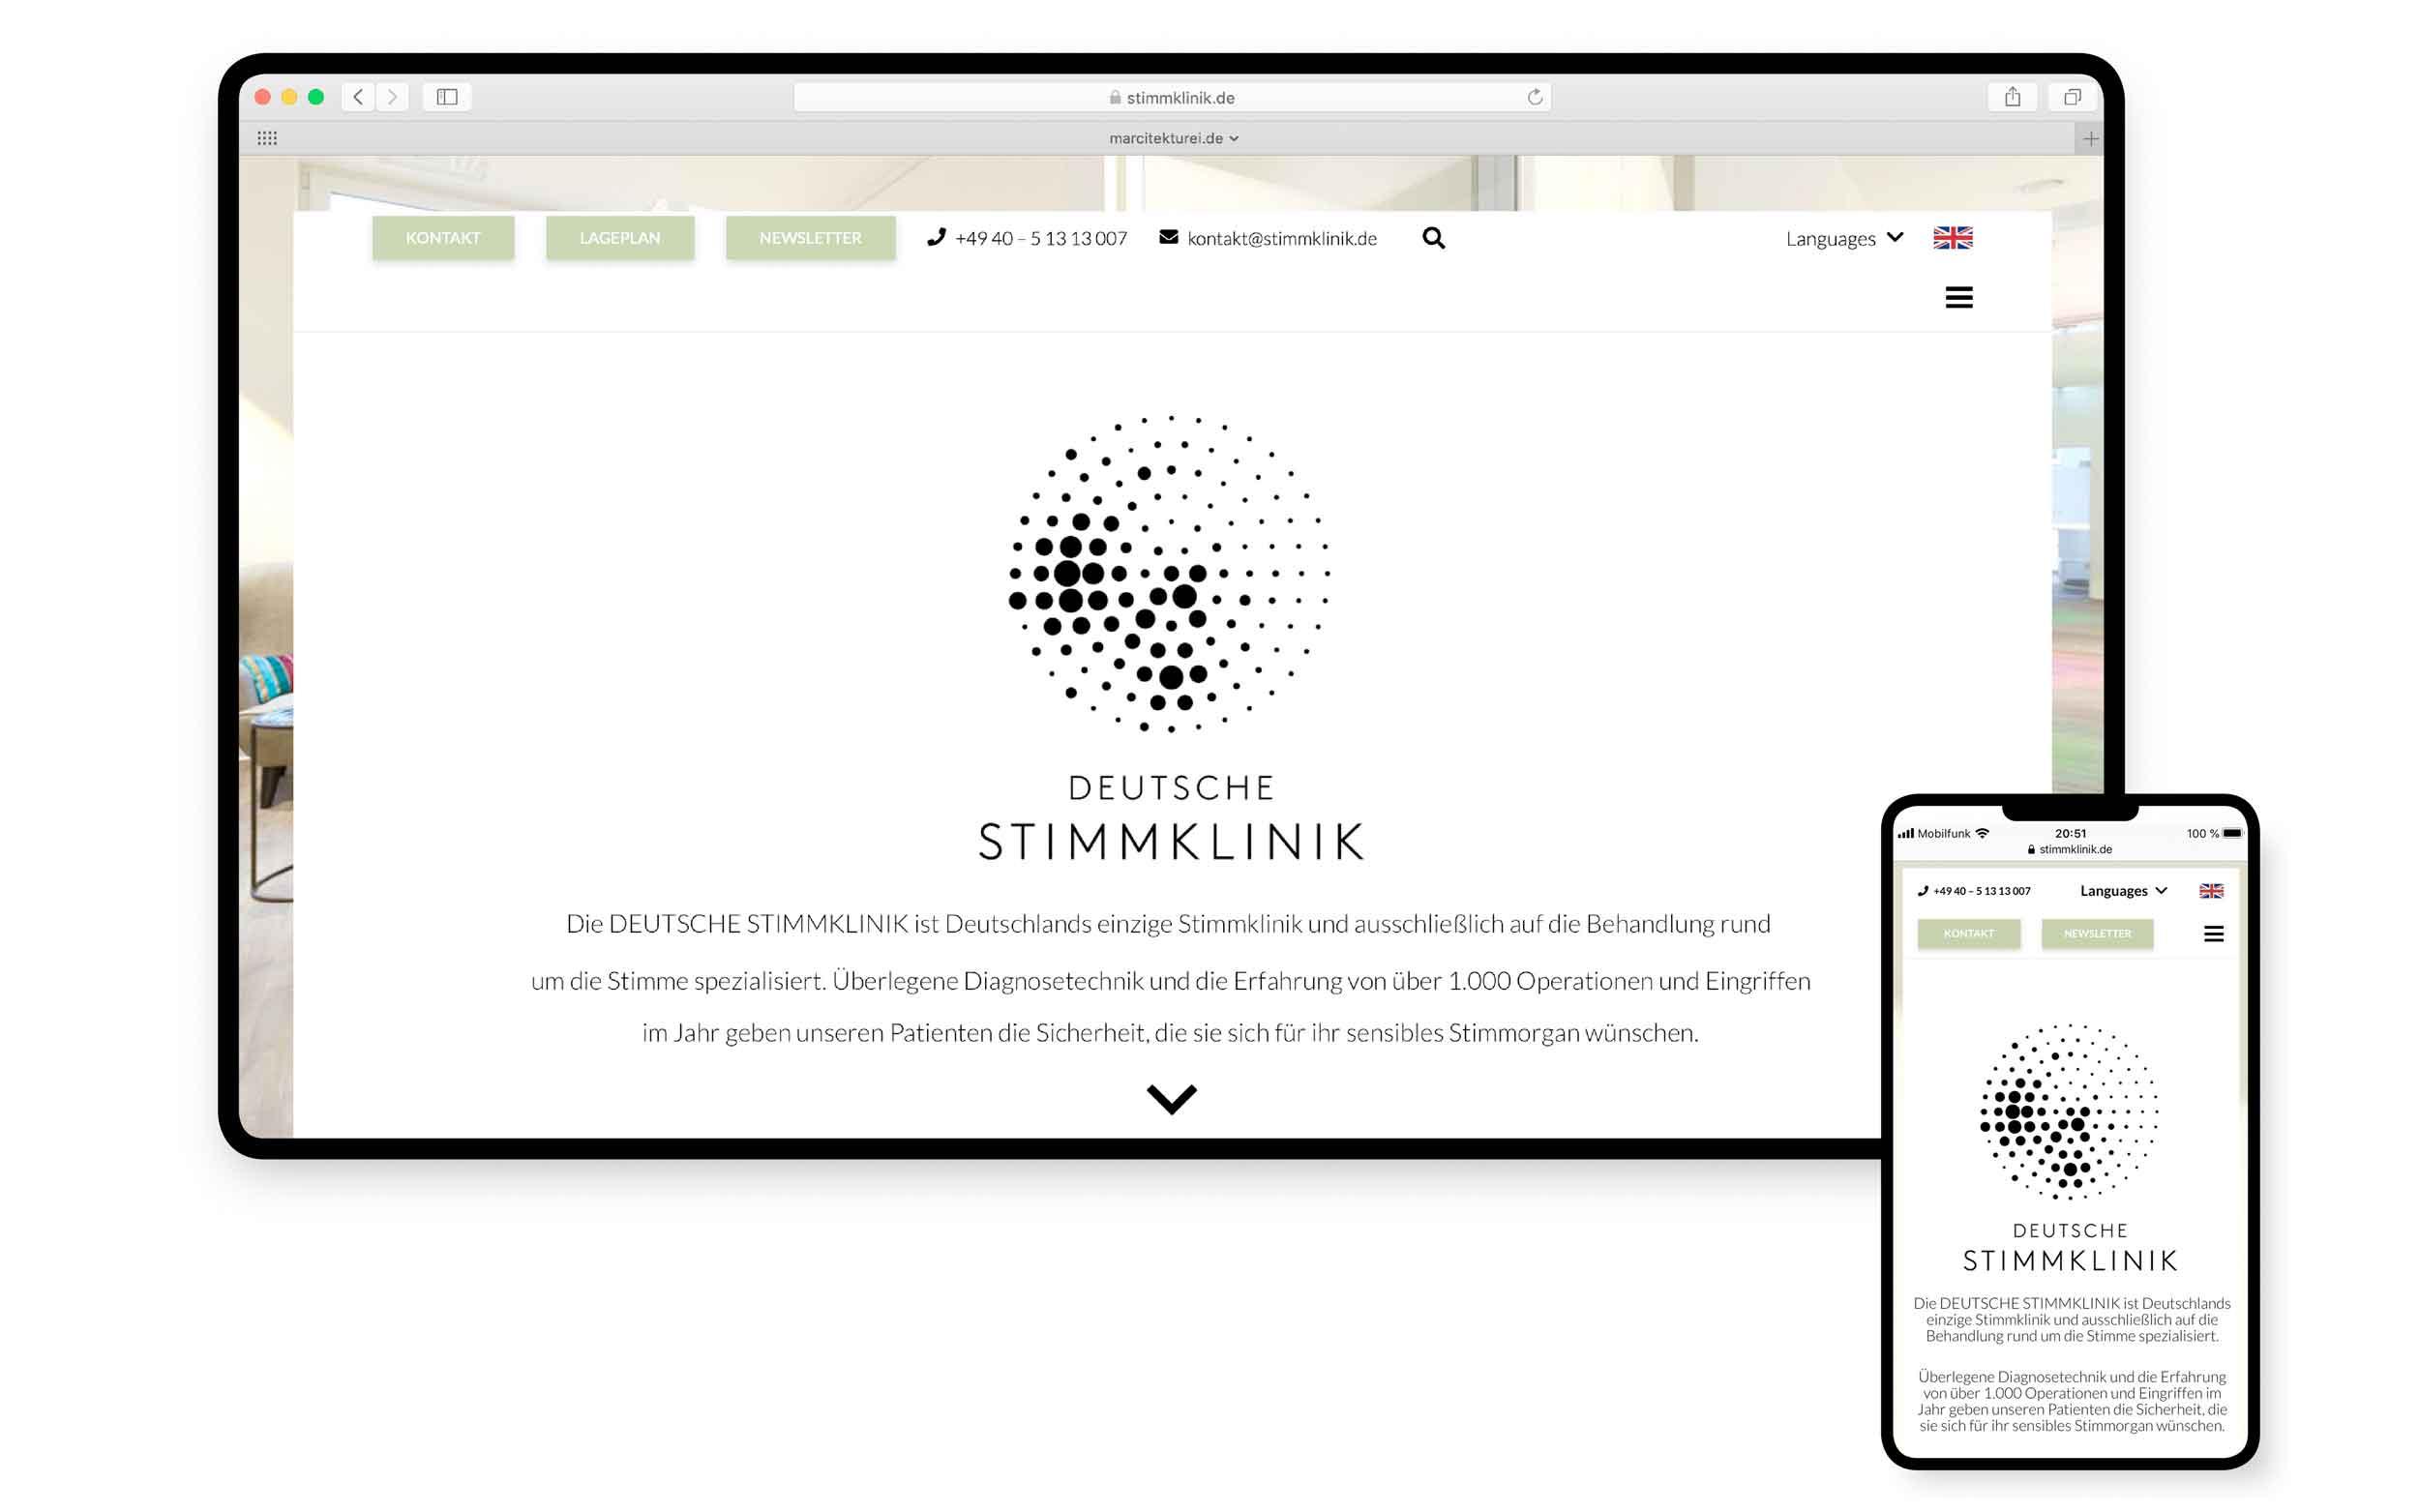 MARCITEKTUREI webdesign | DEUTSCHE STIMMKLINIK | Webdesign aus Hamburg